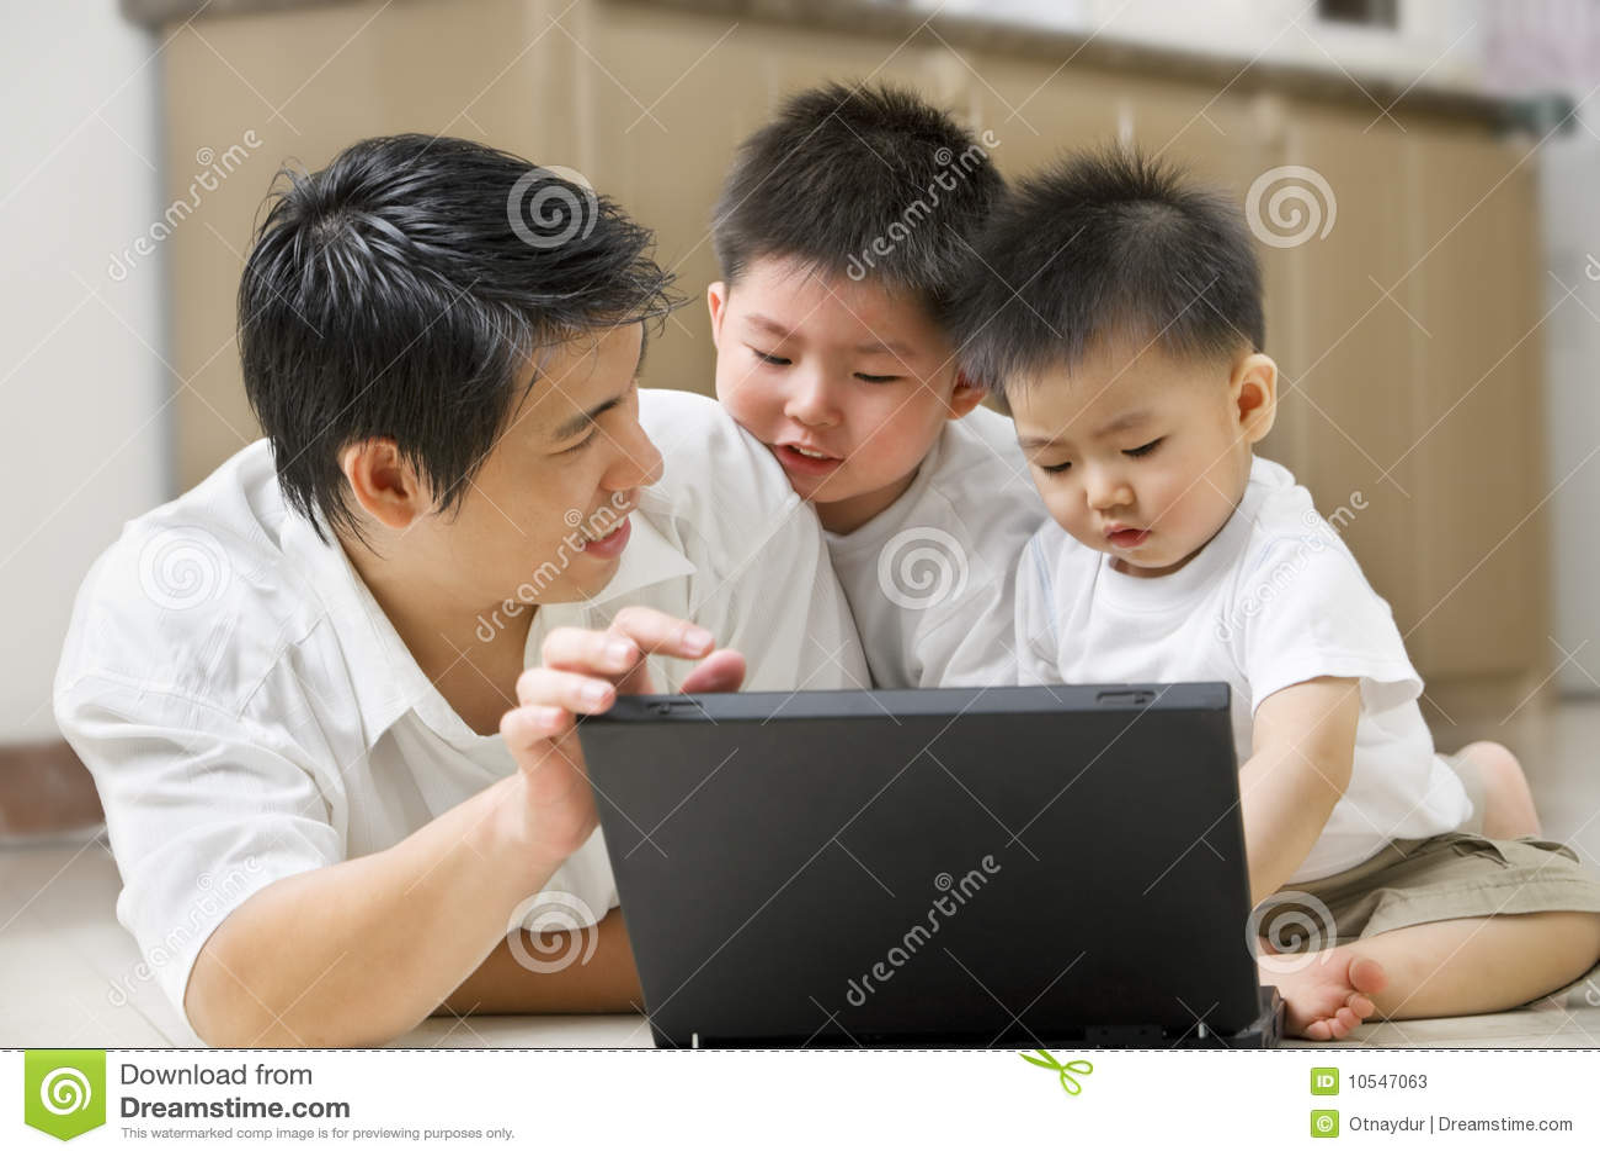 O pai introduz a tecnologia a seus filhos